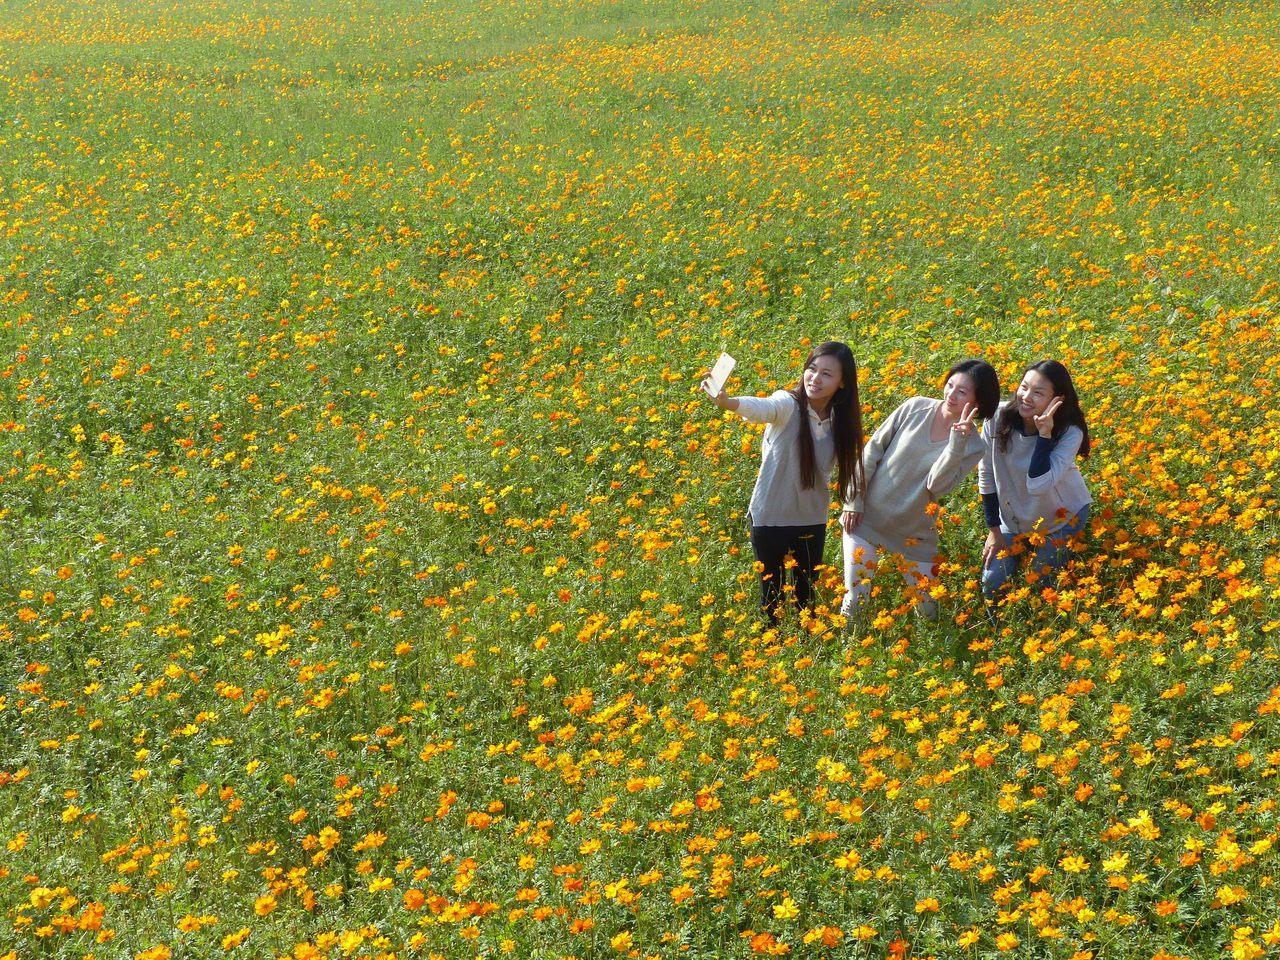 彰化縣花壇鄉三春老樹附近2.5公頃的花田,花開繁盛,美不勝收,吸引許多民眾前往賞...